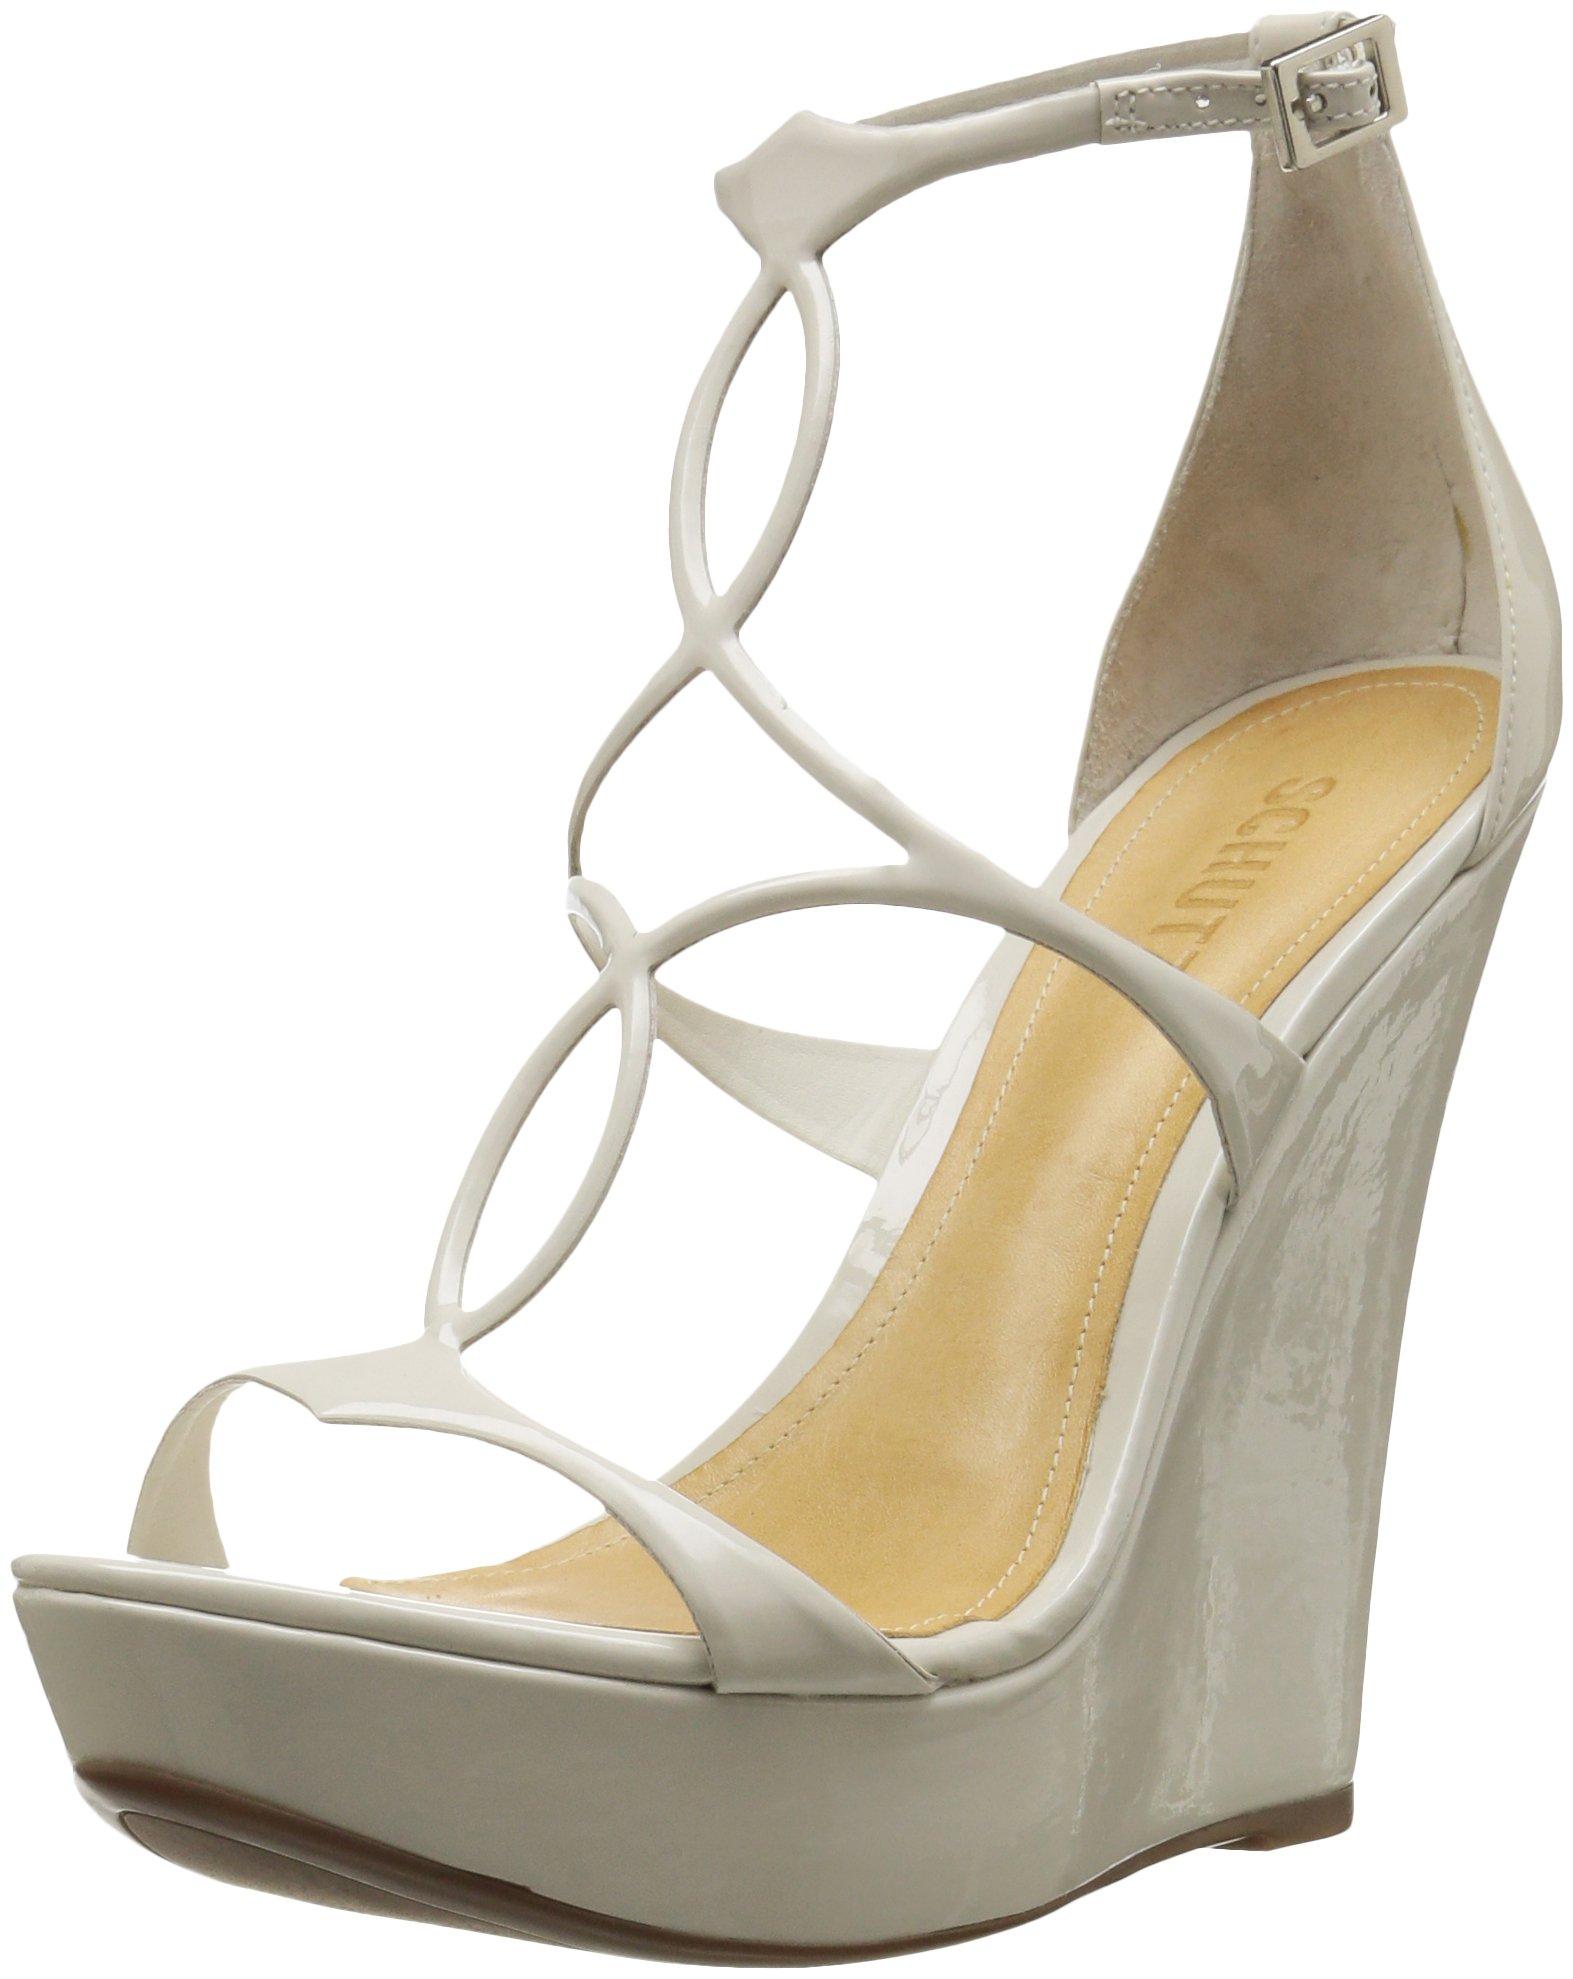 Schutz Women's Sevil Wedge Sandal, Pearl, 8.5 M US